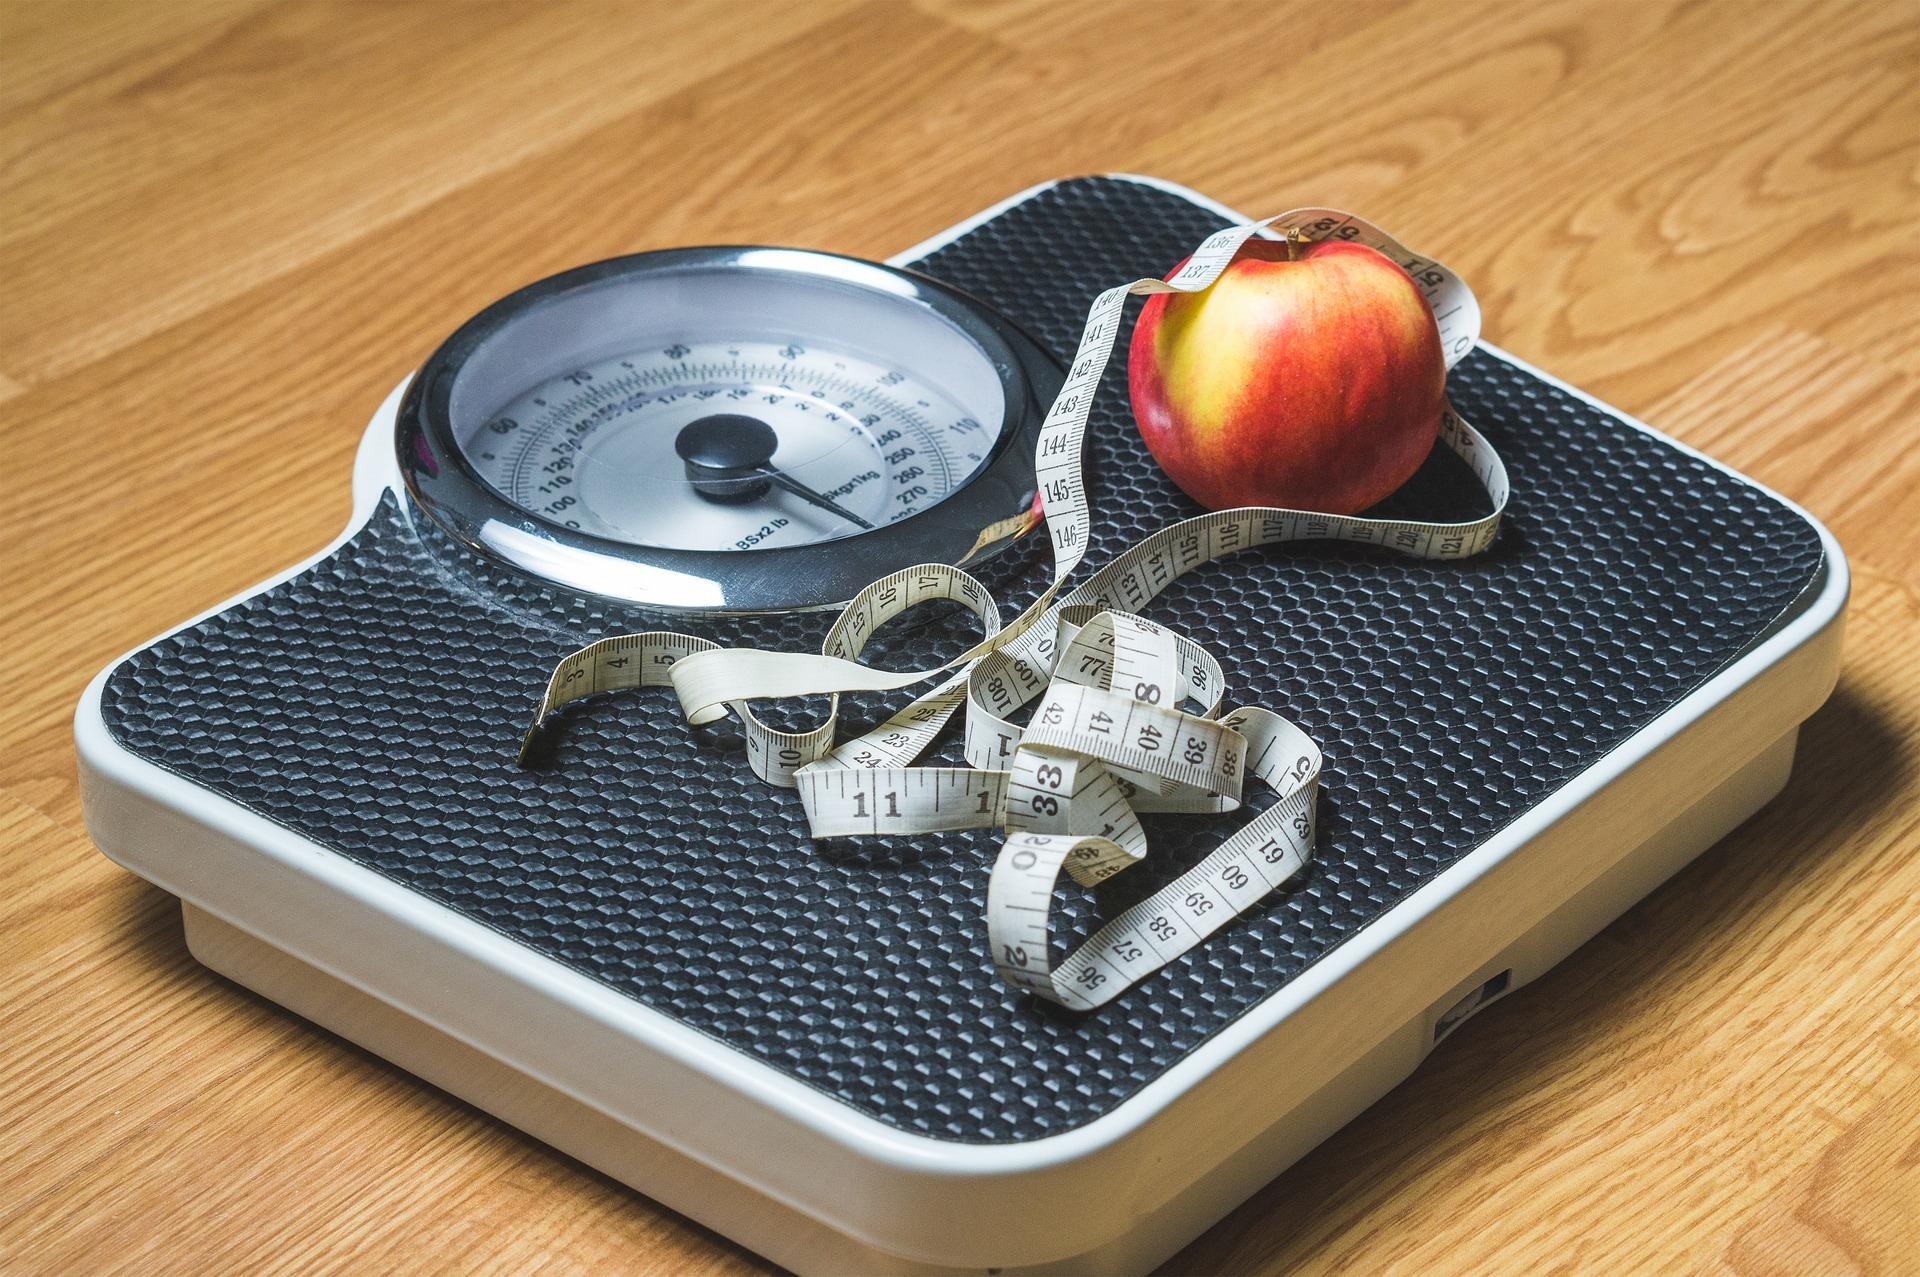 Weegschaal, meetlint en een appel